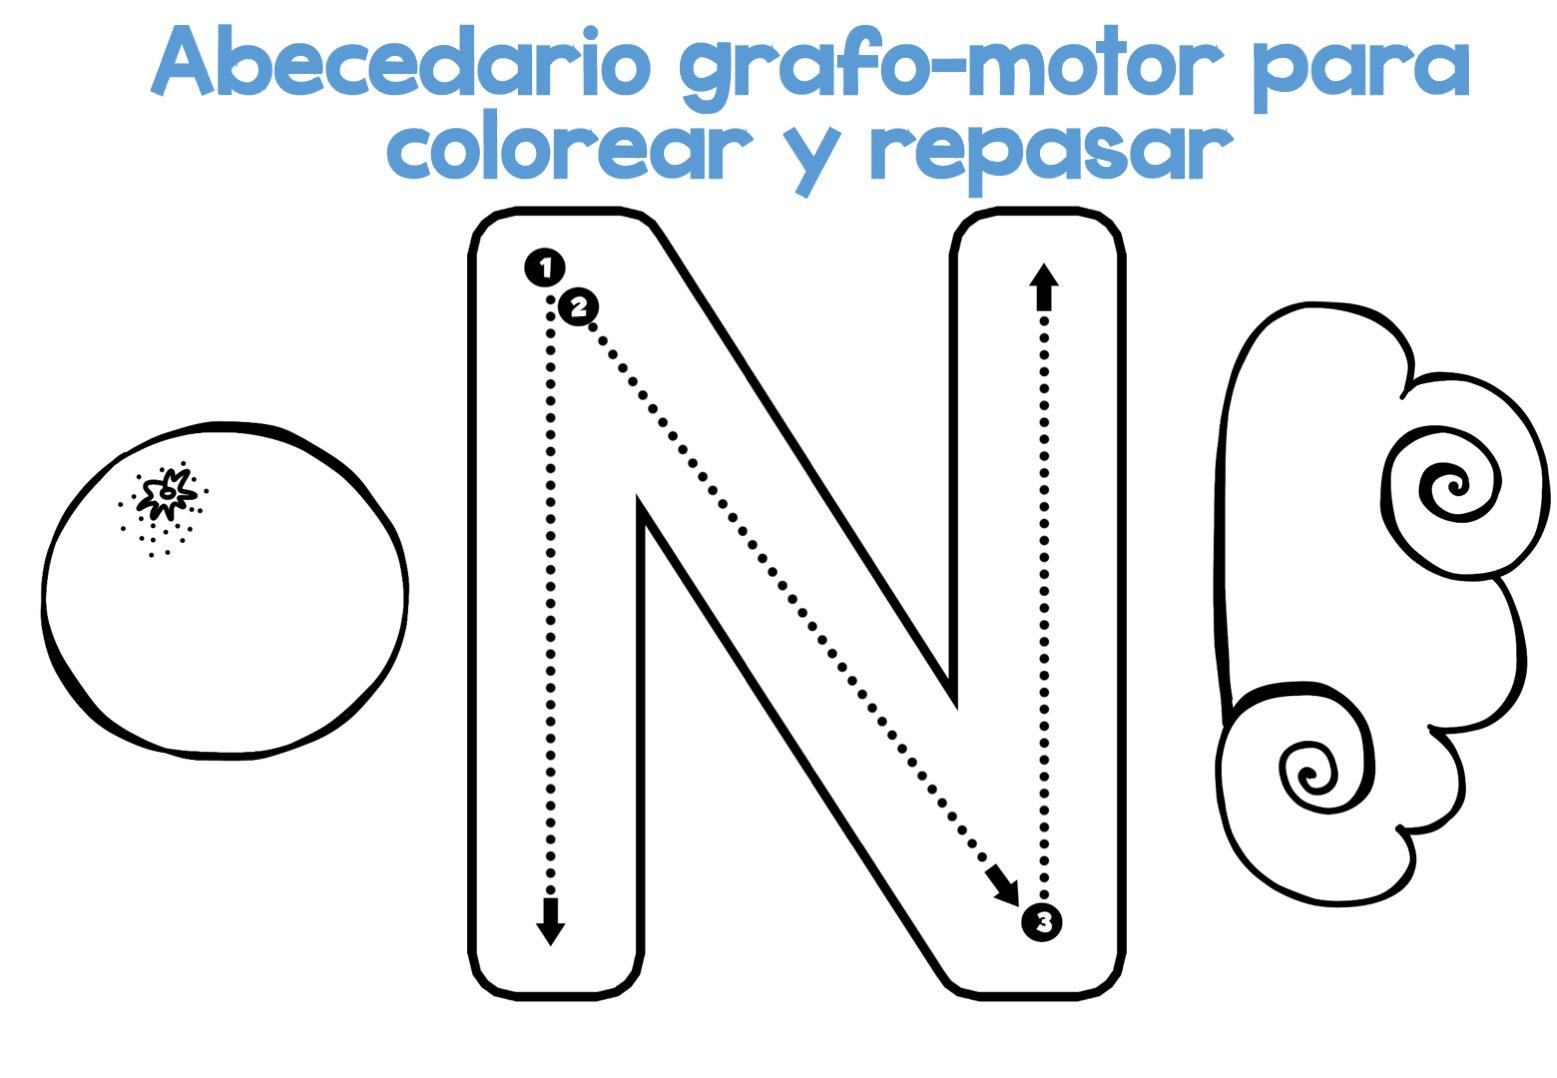 Alfabeto Para Colorear: Completo Abecedario Grafo-motor Para Colorear Y Repasar14